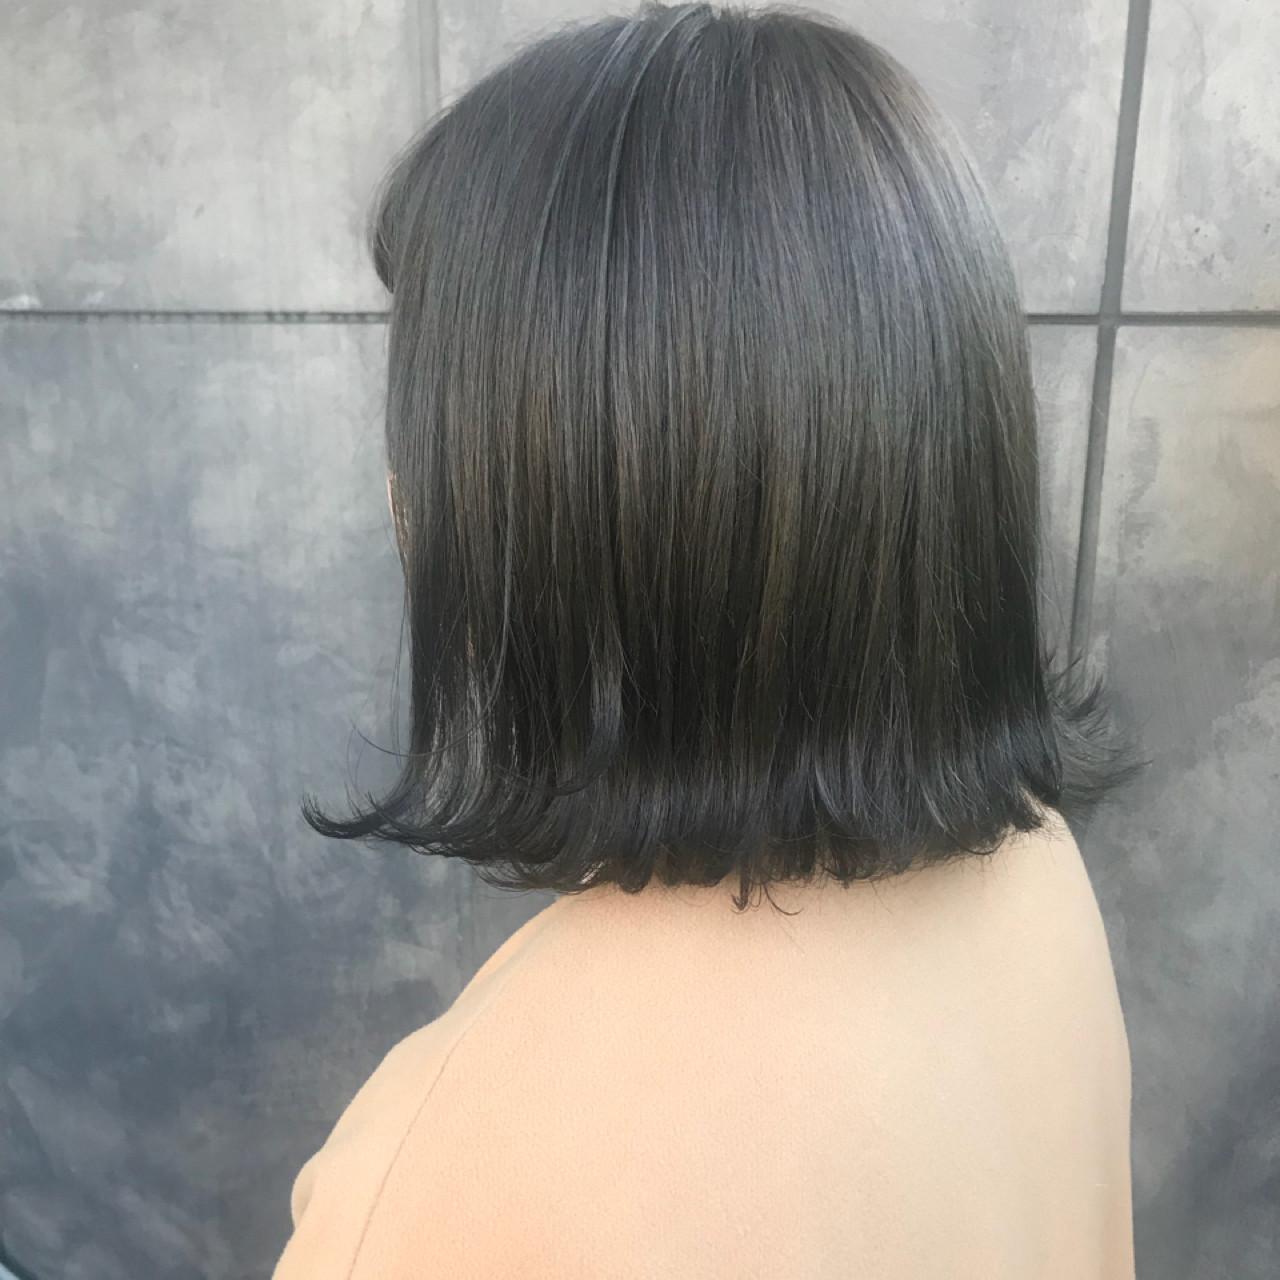 透明感 ブリーチカラー ナチュラル マットグレージュ ヘアスタイルや髪型の写真・画像